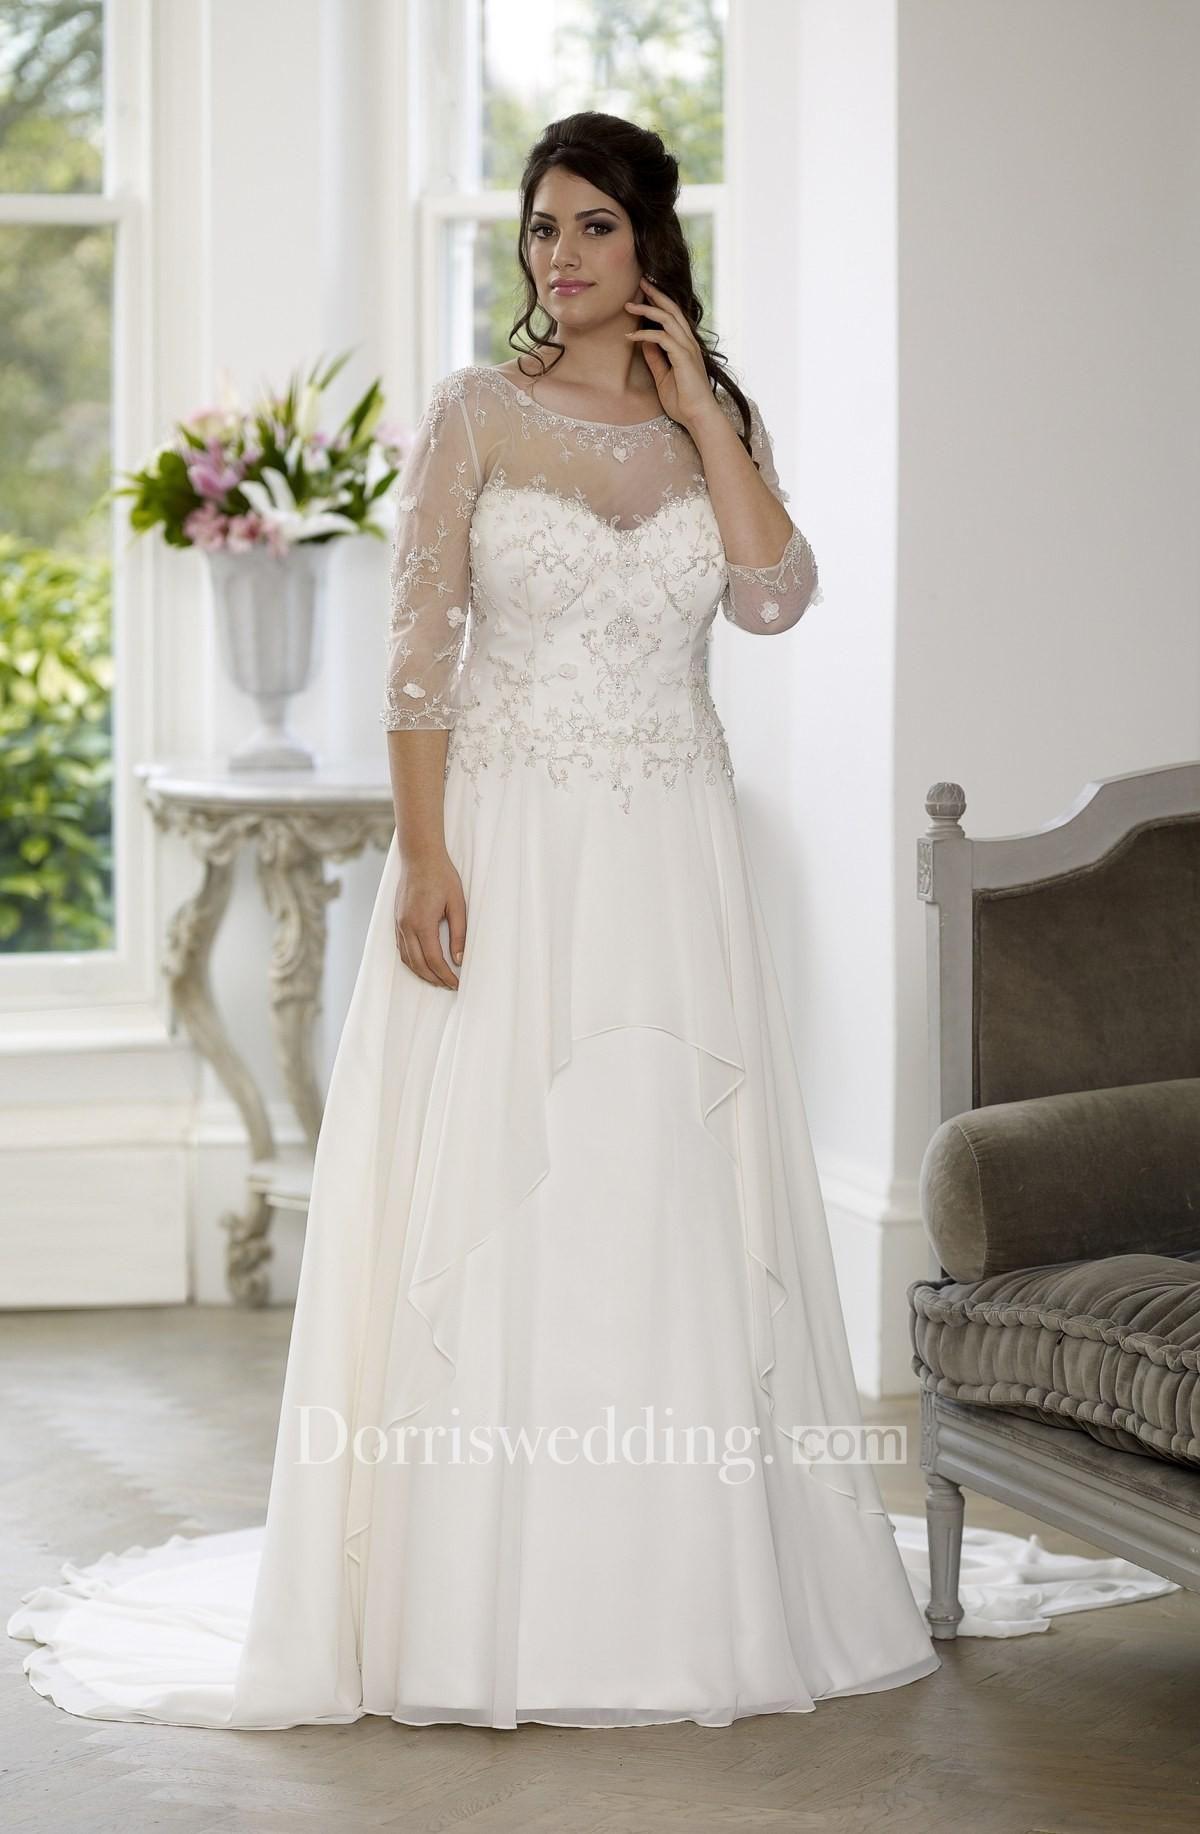 Dorris wedding dorris wedding aline floorlength scoop neck